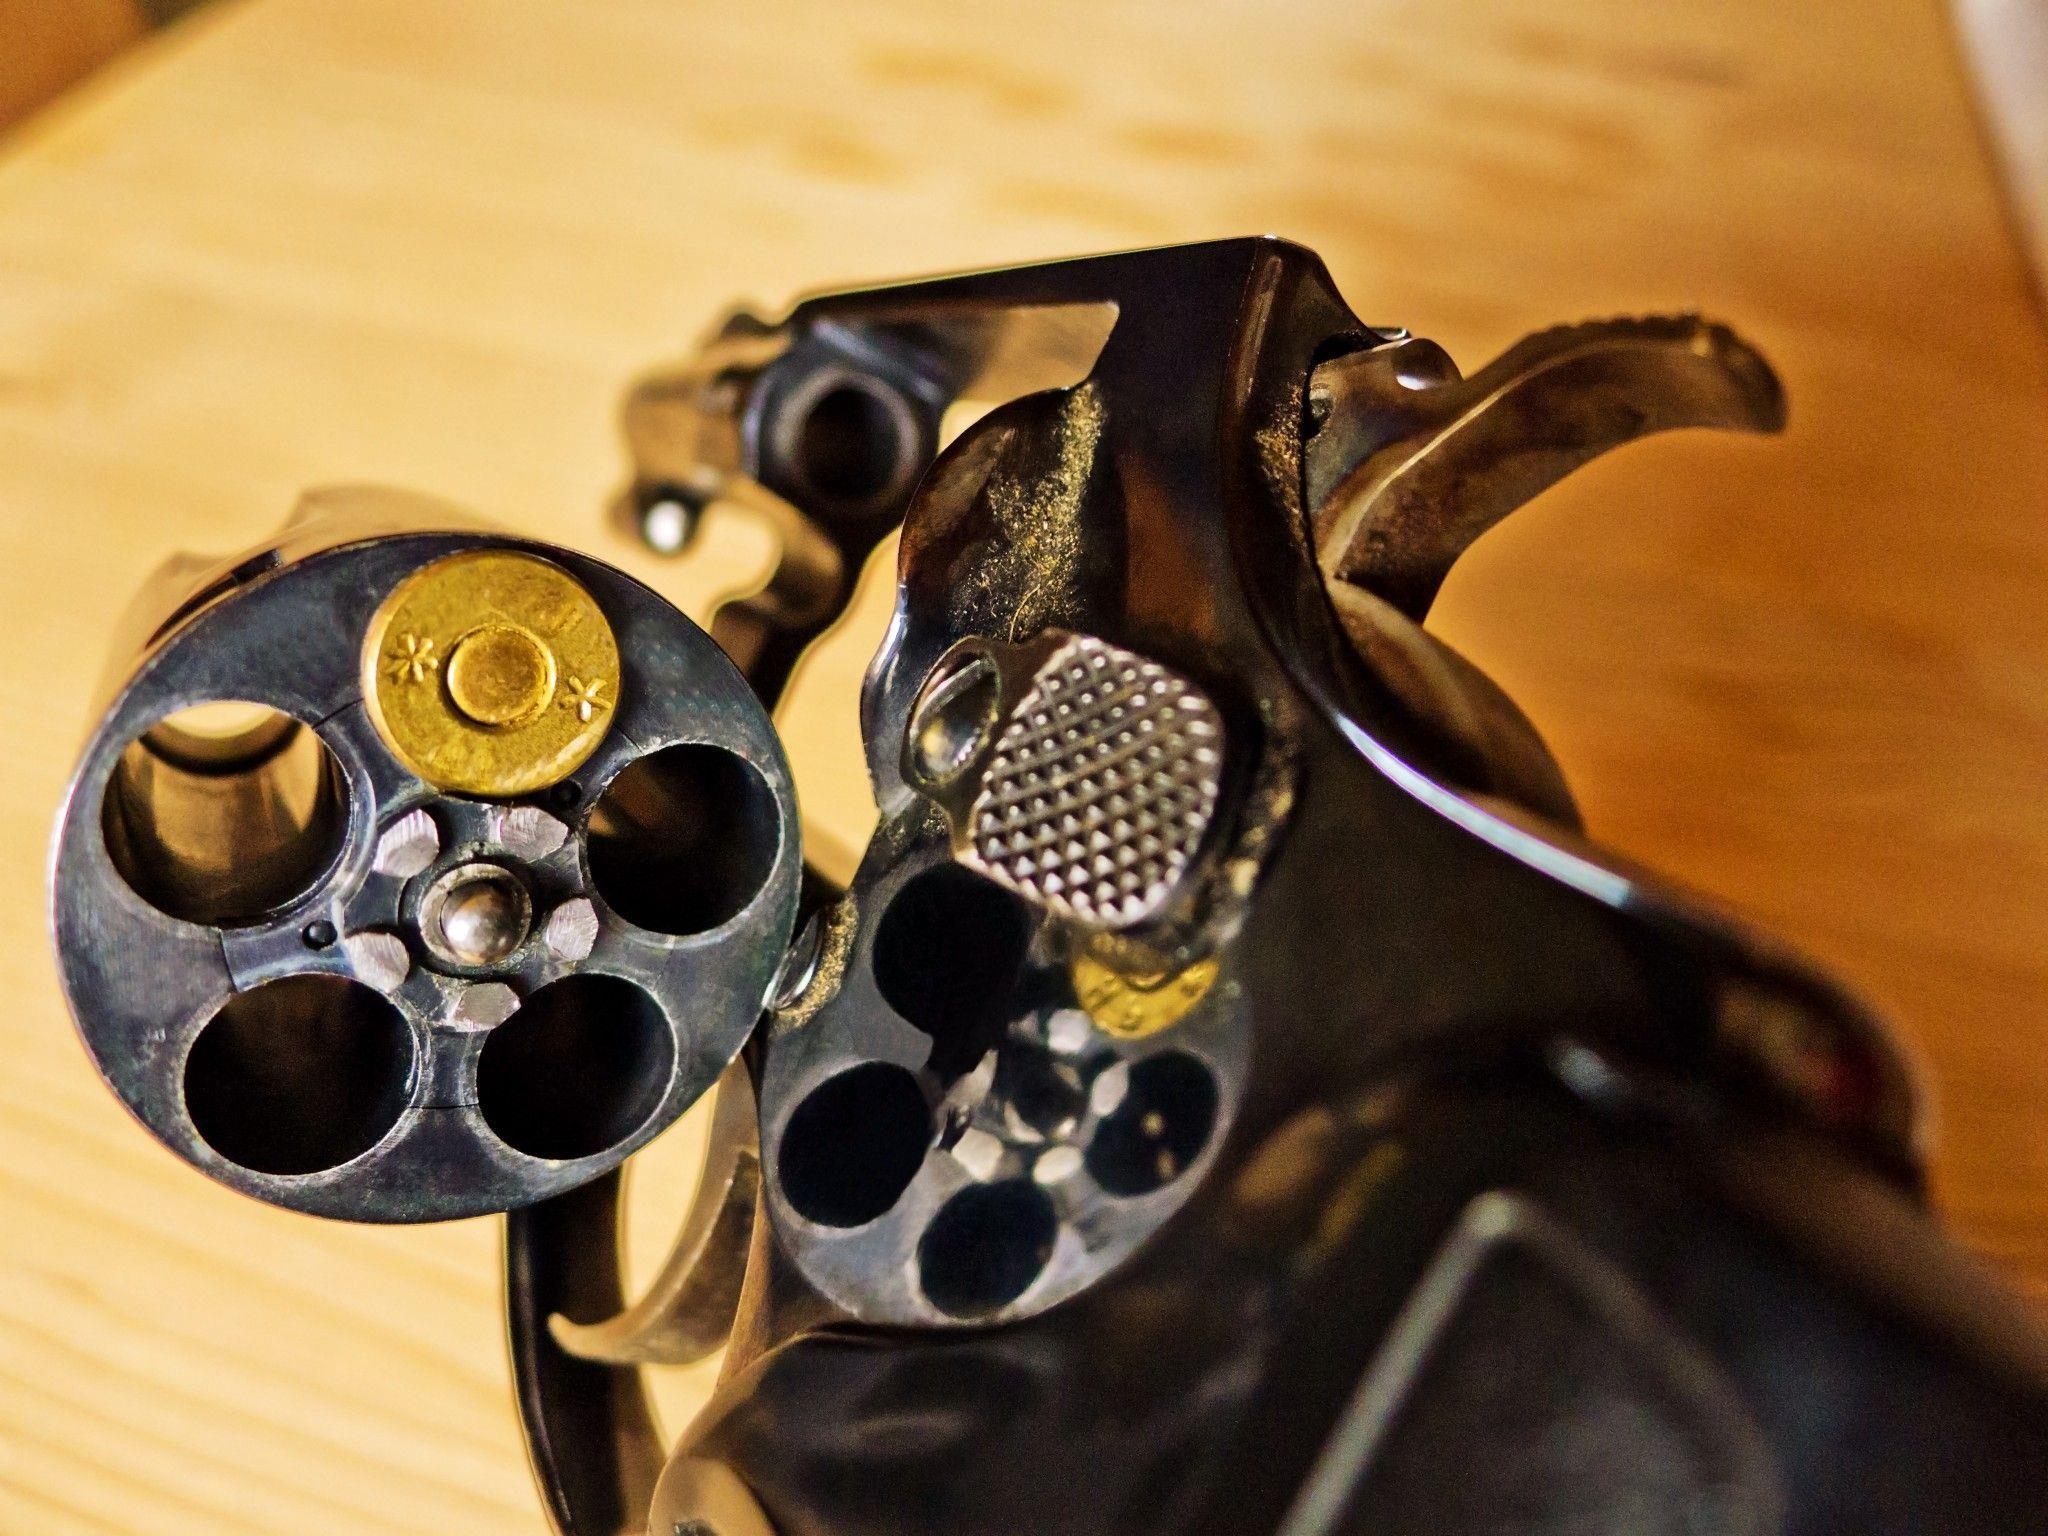 Beim russischen Roulette in den Kopf geschossen: 26-Jähriger schwebt in Lebensgefahr.